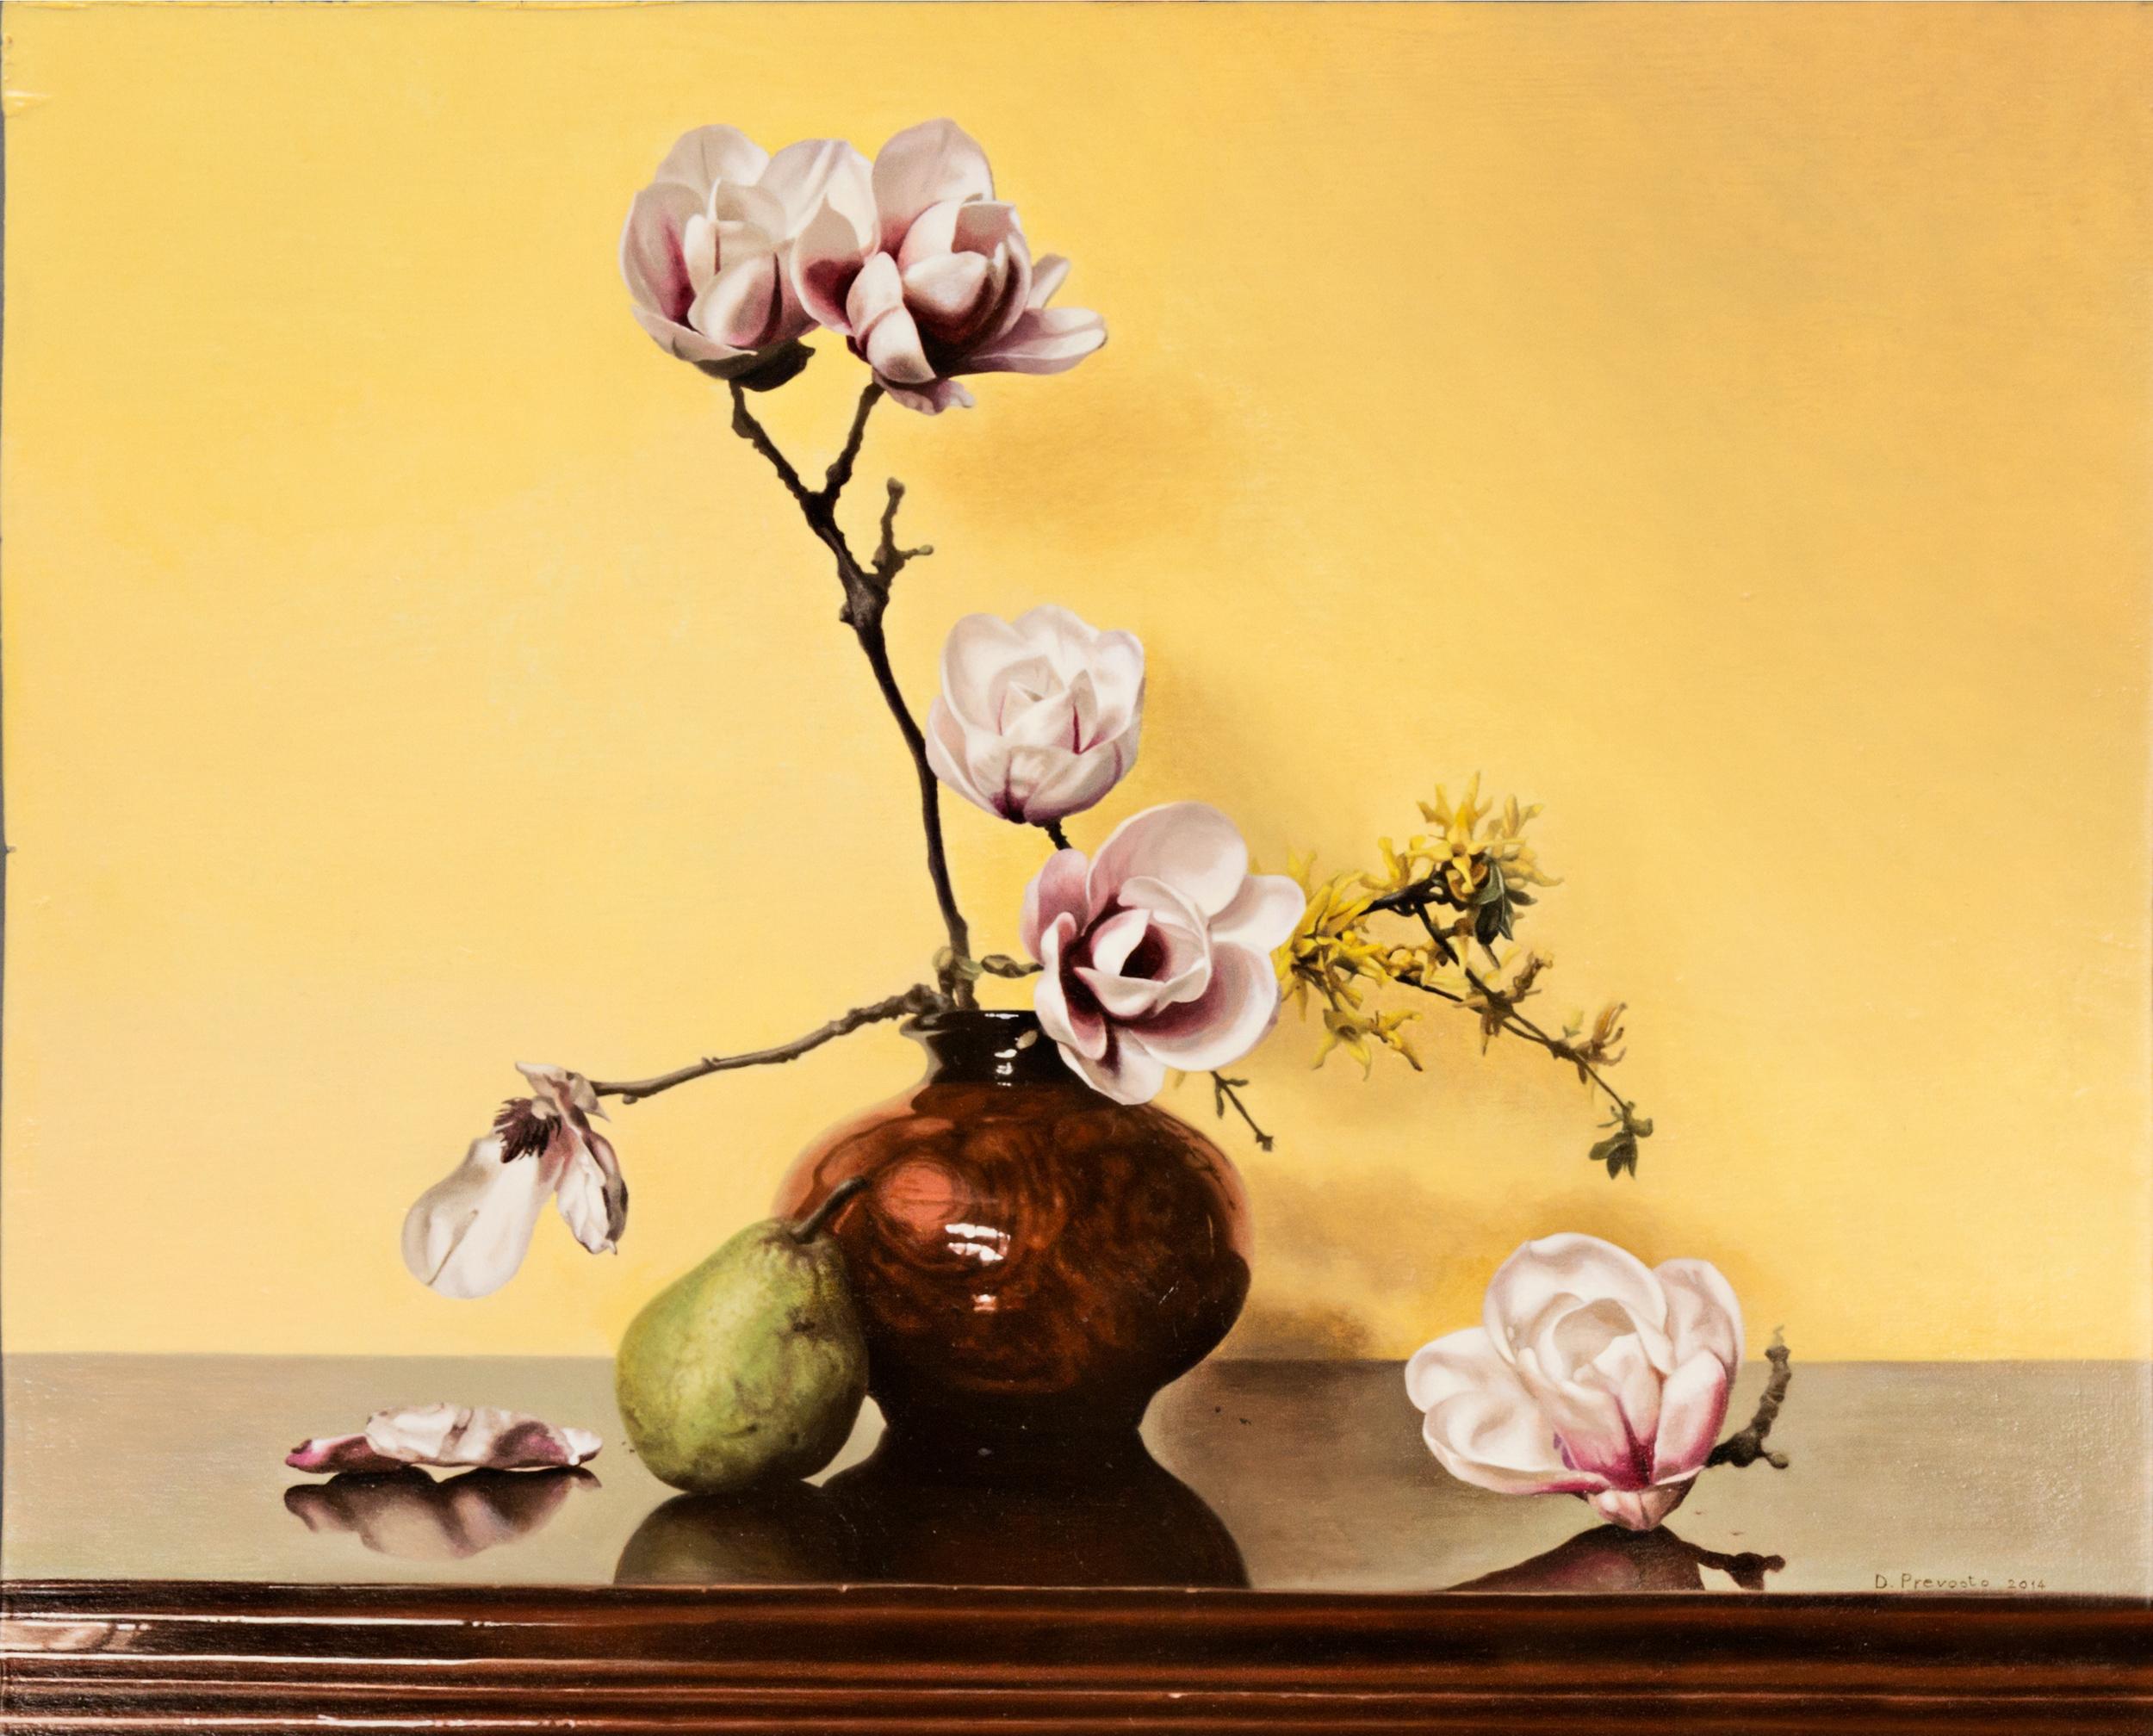 Prevosto D. - Composizione floreale con pera.jpg